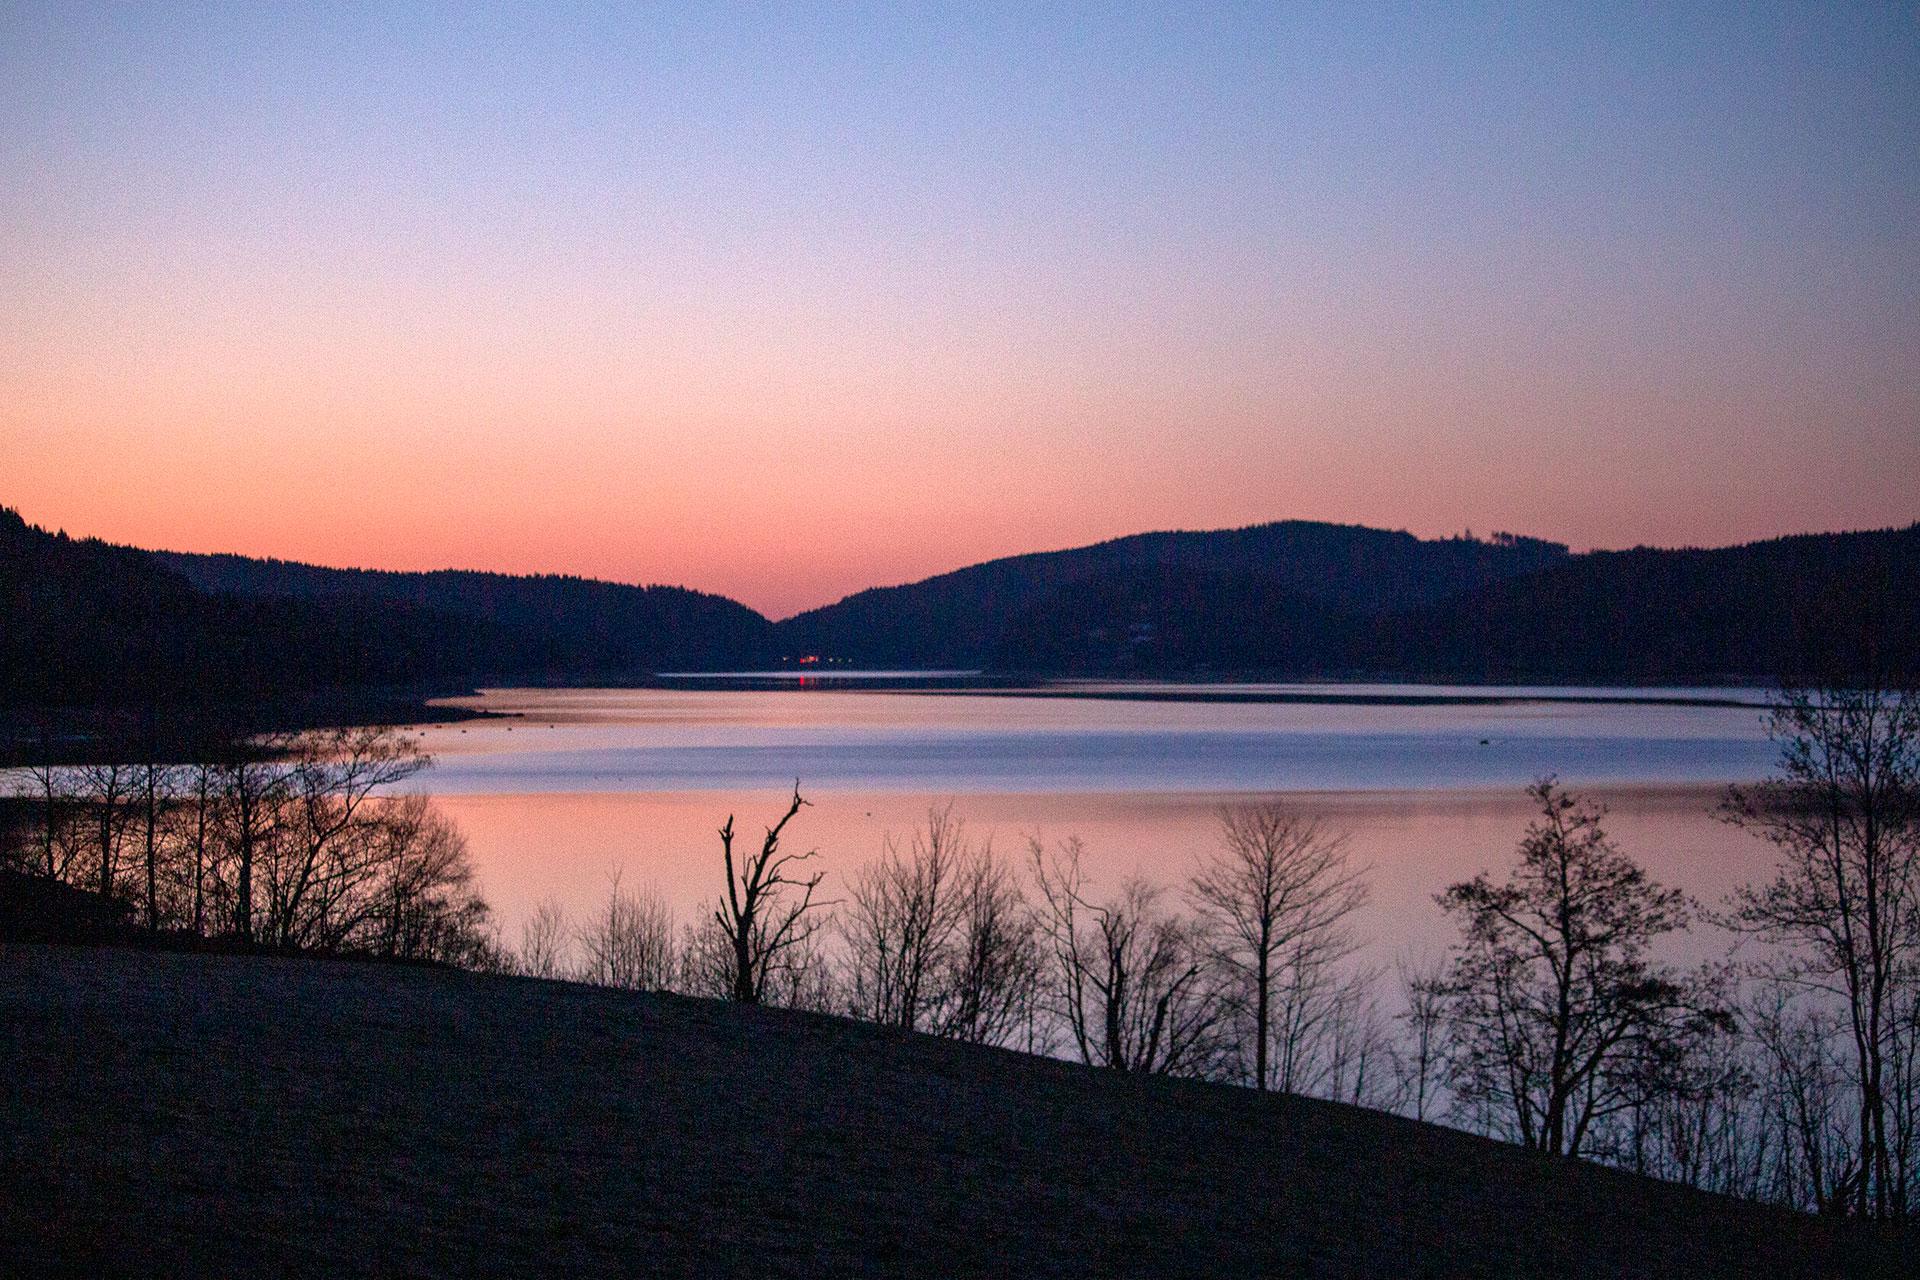 Morgendämmerung am Ostersonntag um 6:30 Uhr am Schluchsee.